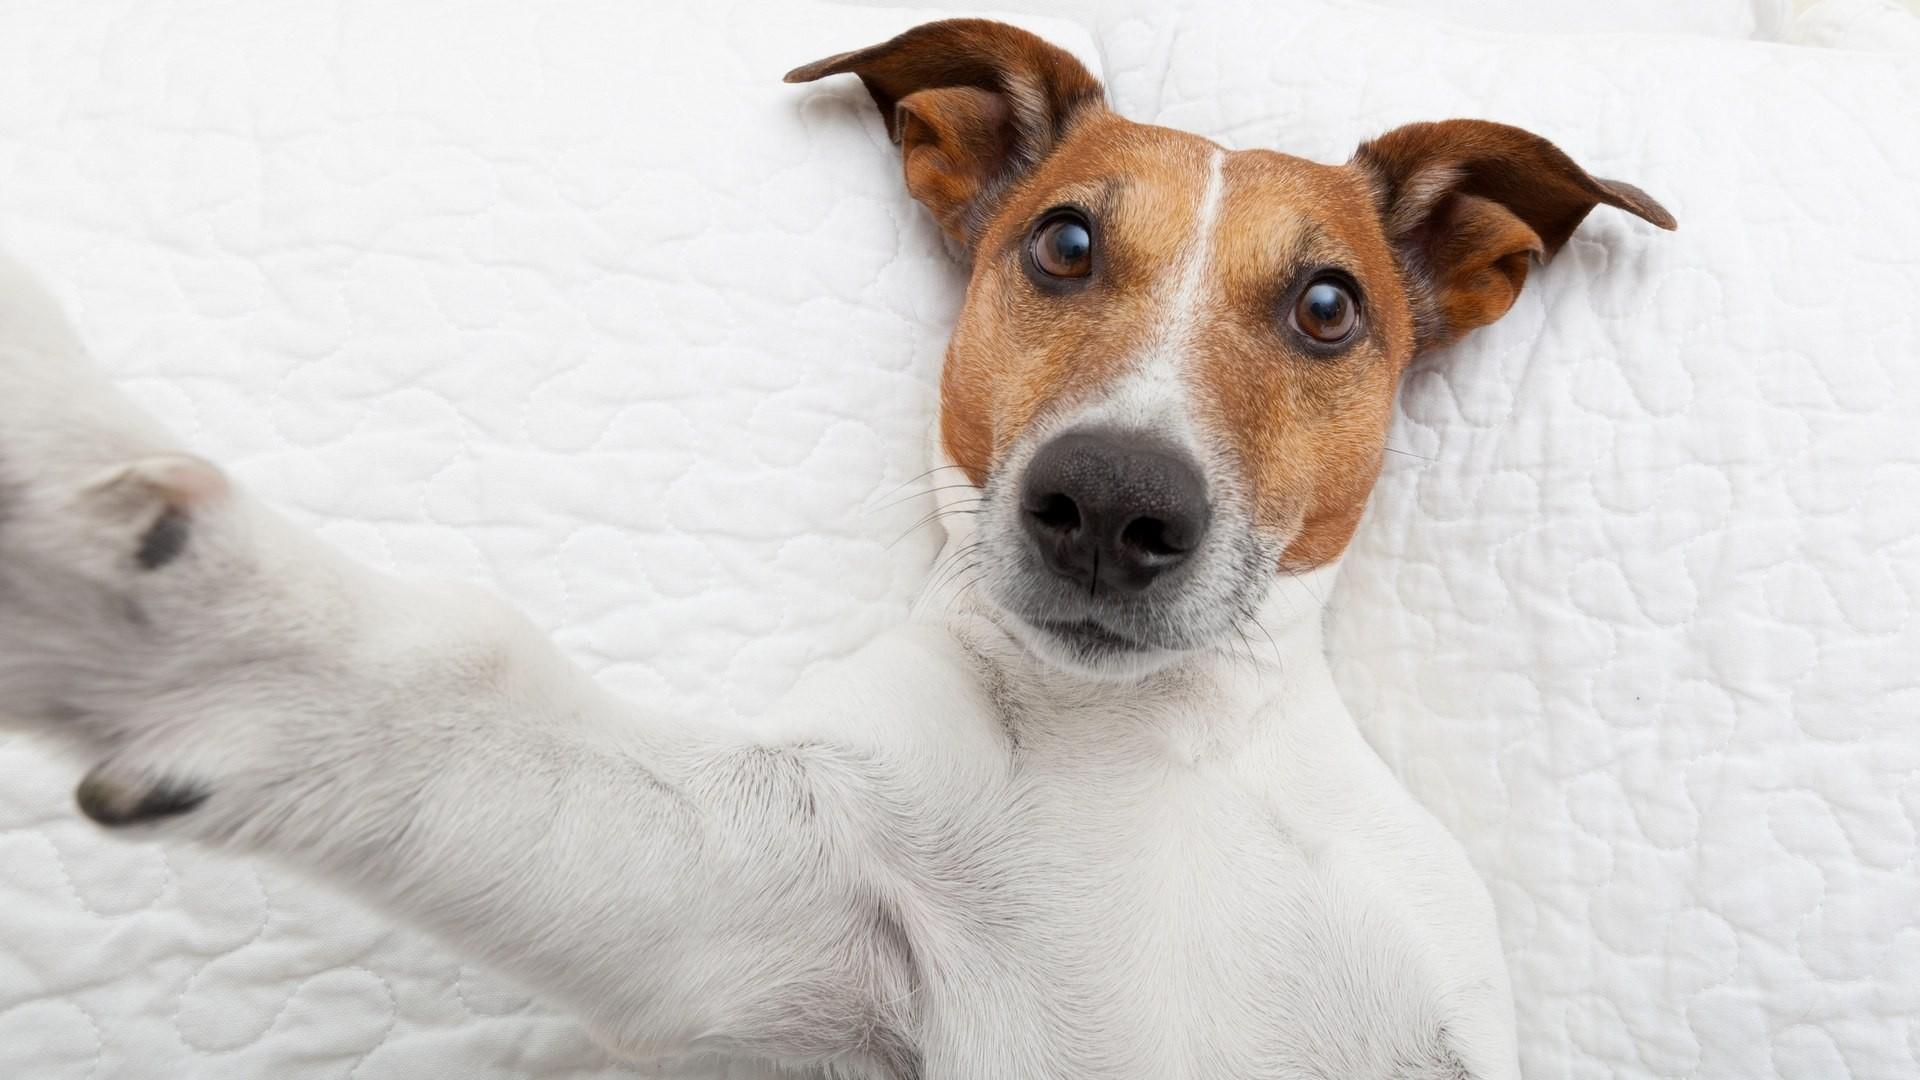 Hintergrundbilder : Tiere, Jack Russell Terrier, Wirbeltier, Hund ...